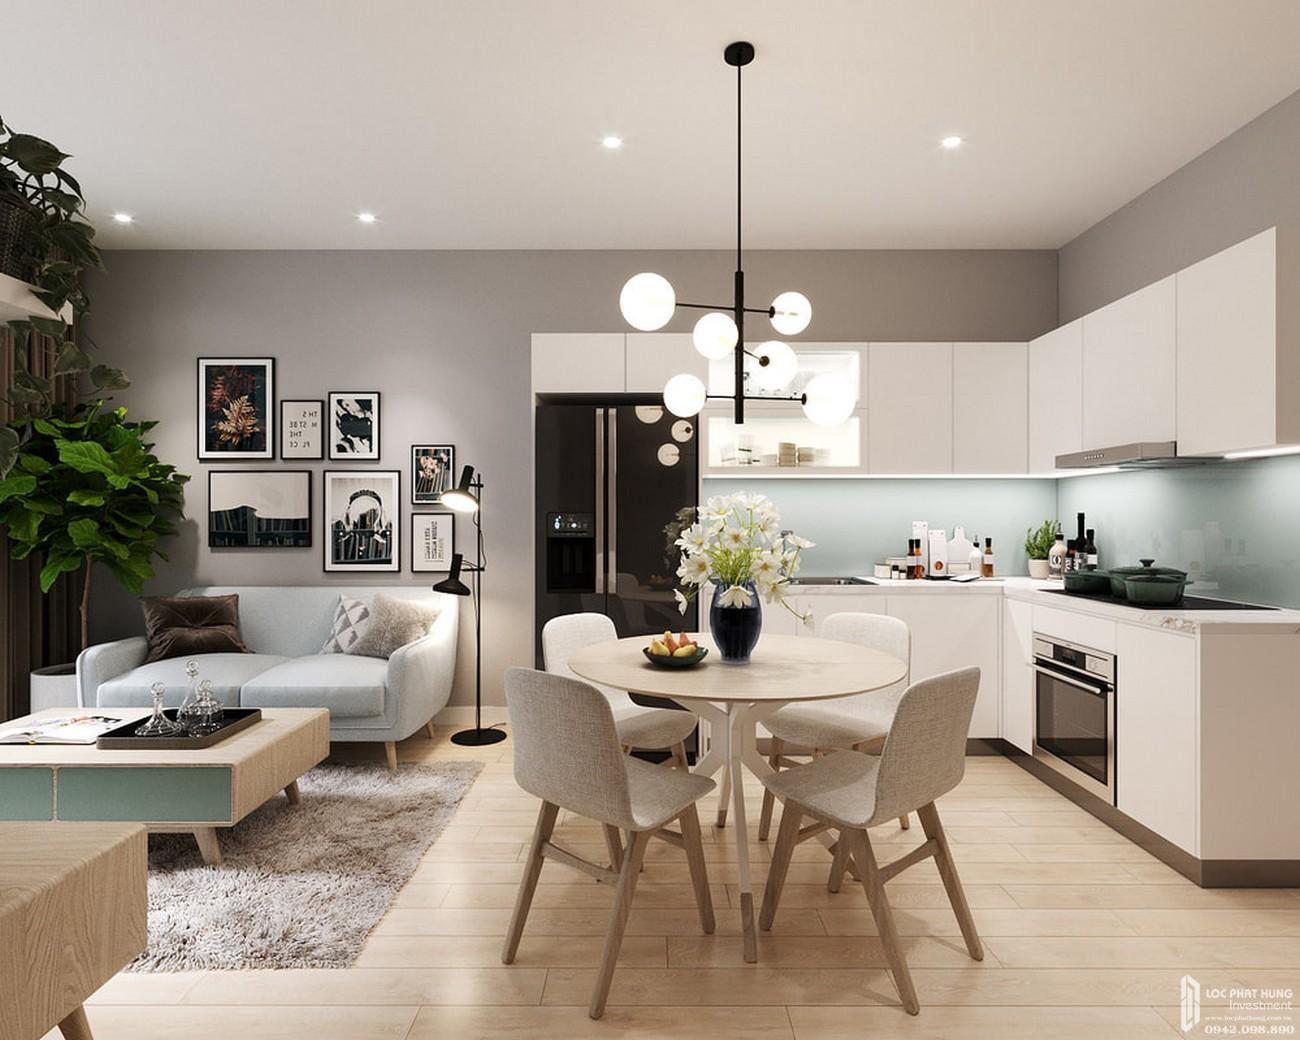 Dự án Vinhomes West Point của nhà thiết kế nội thất Astral City - AKA Furniture